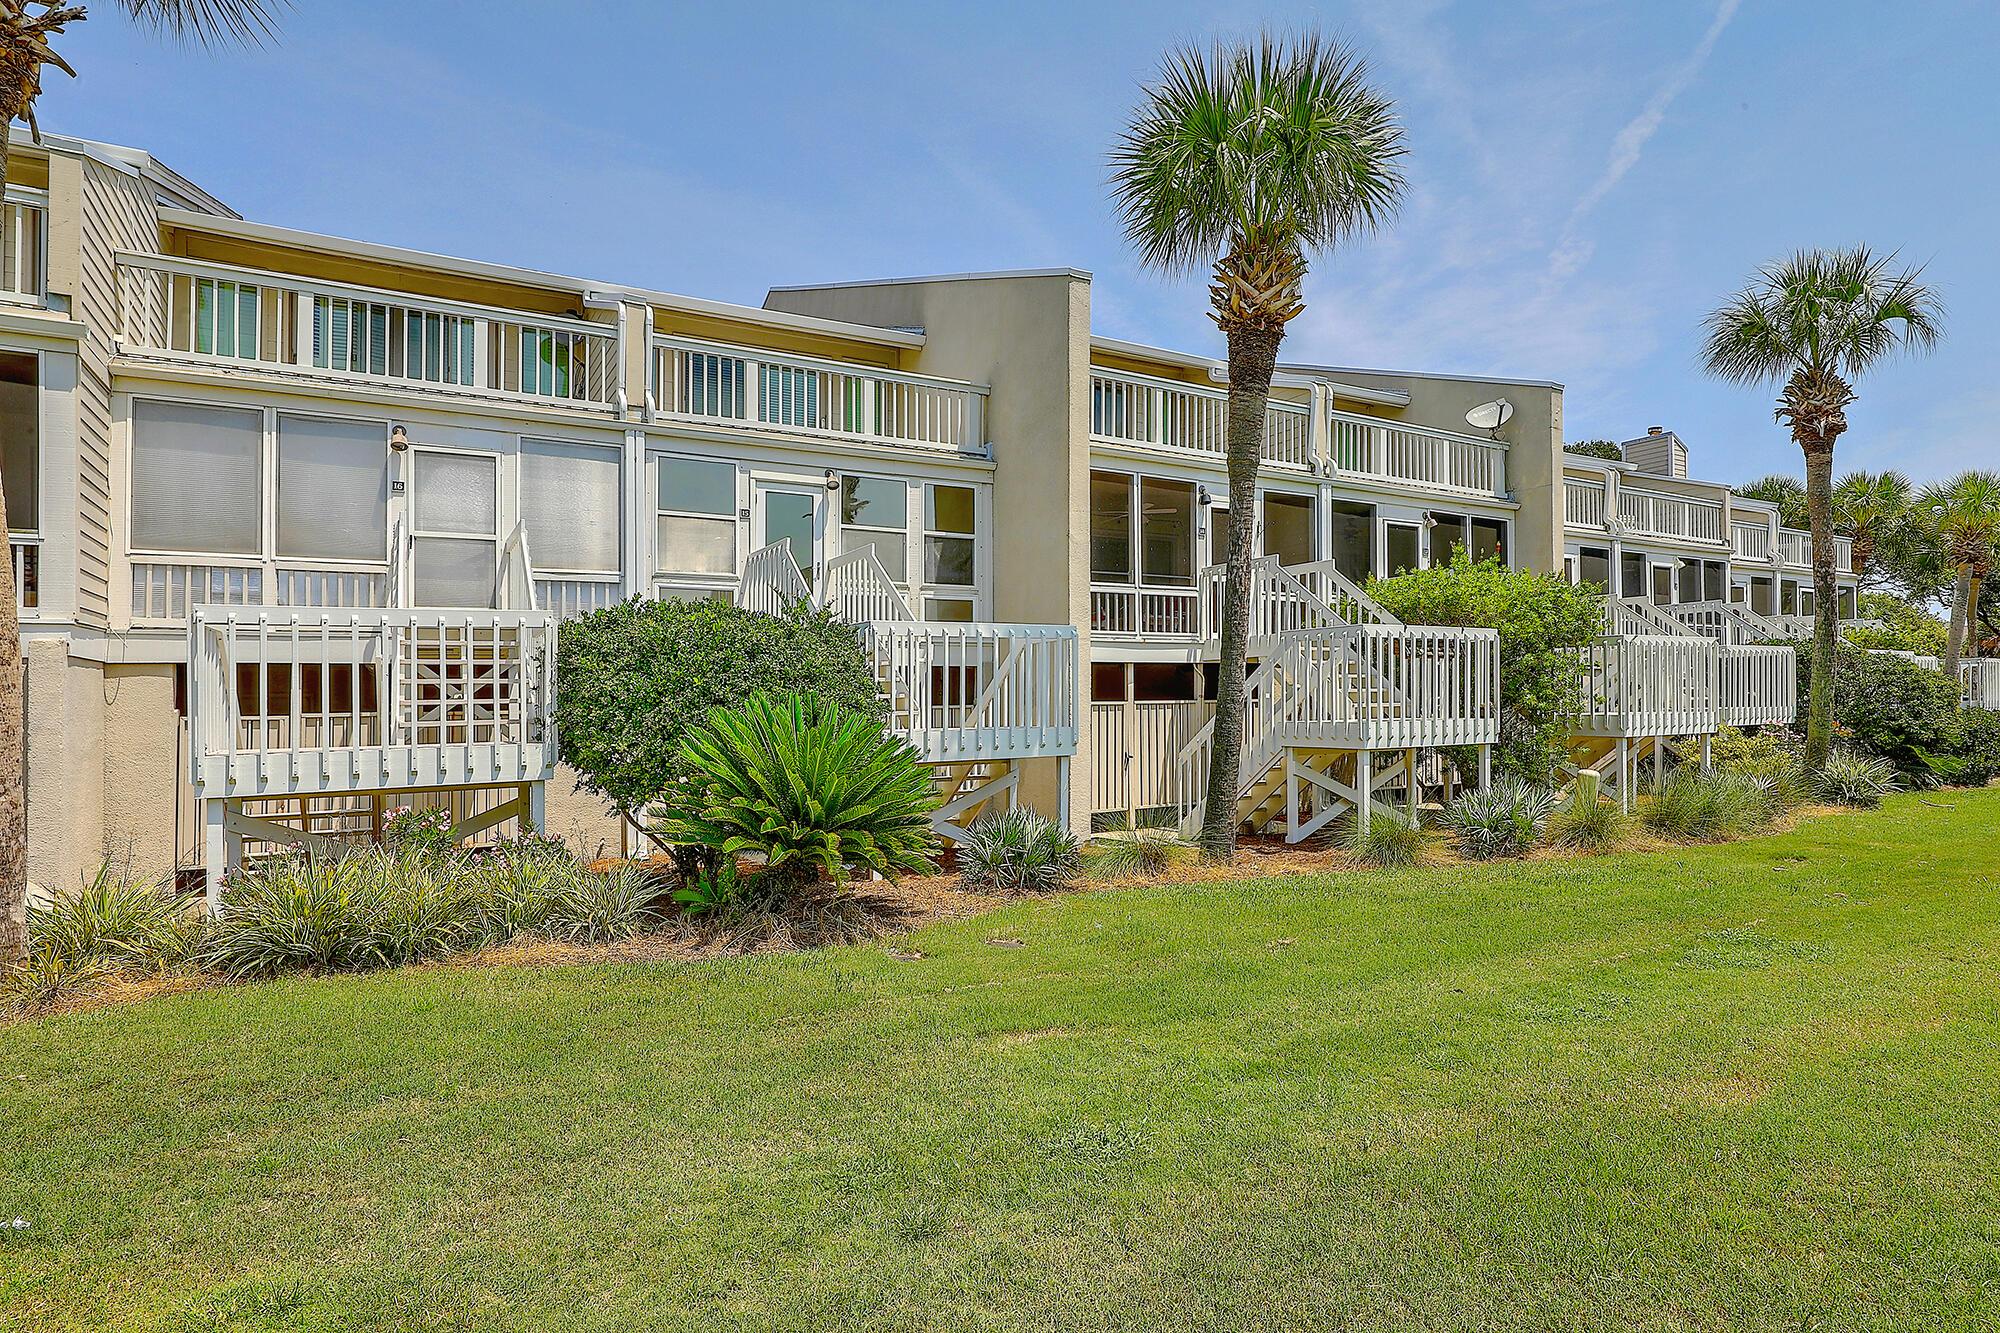 Beach Club Villas Homes For Sale - 15 Beach Club Villas, Isle of Palms, SC - 46